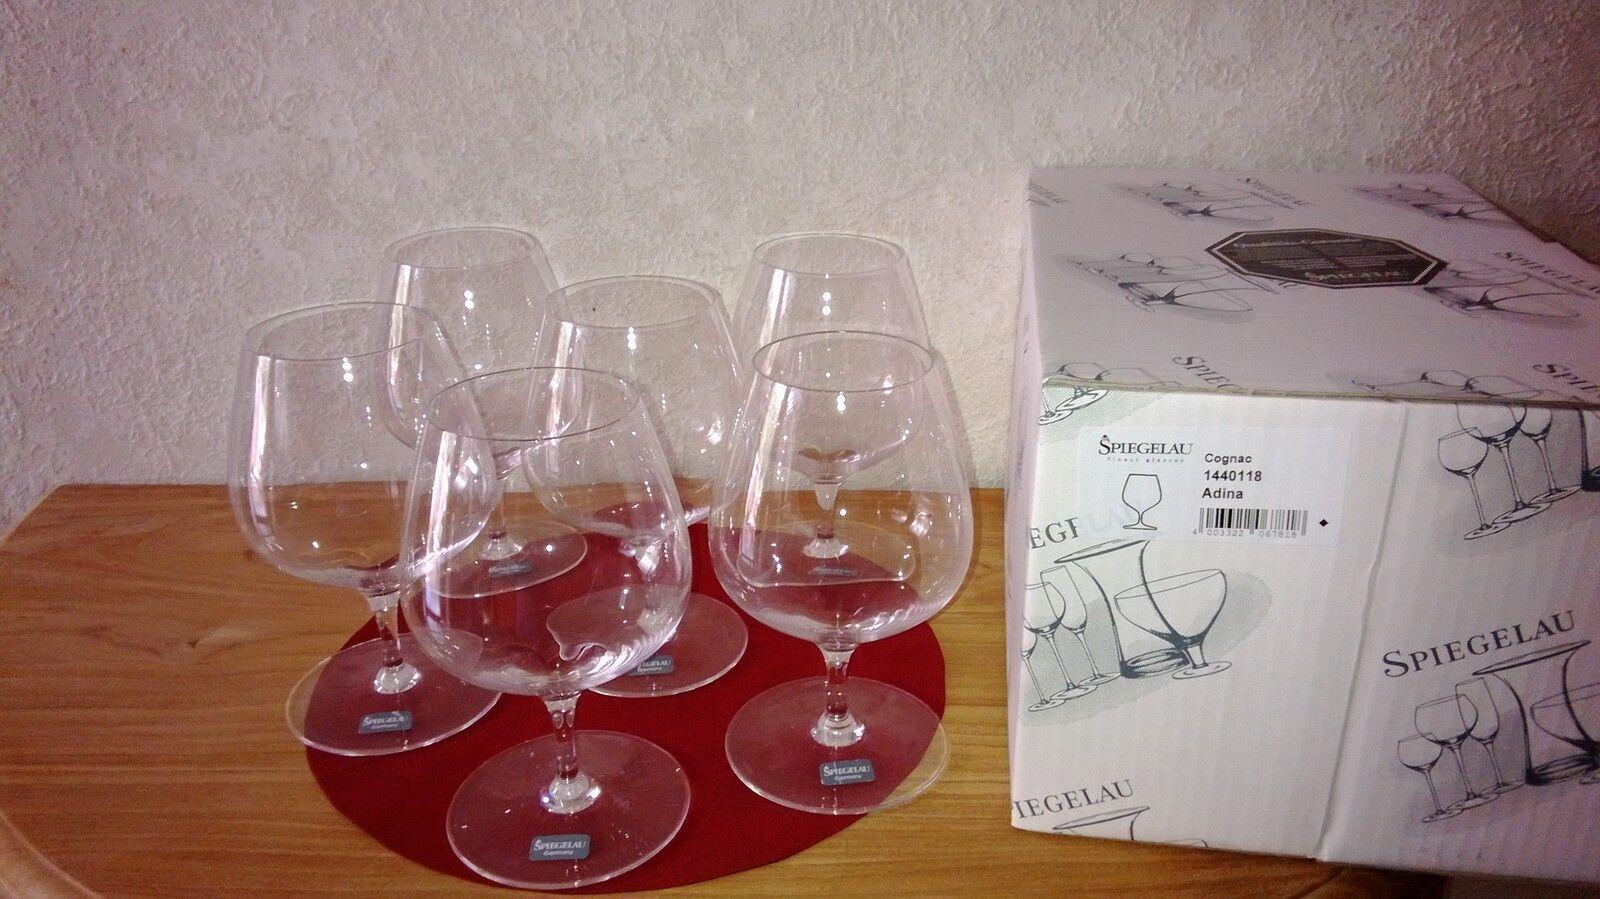 SPIEGELAU nouveau ADINA Set 6 Verres à cognac H.167mm Glasses